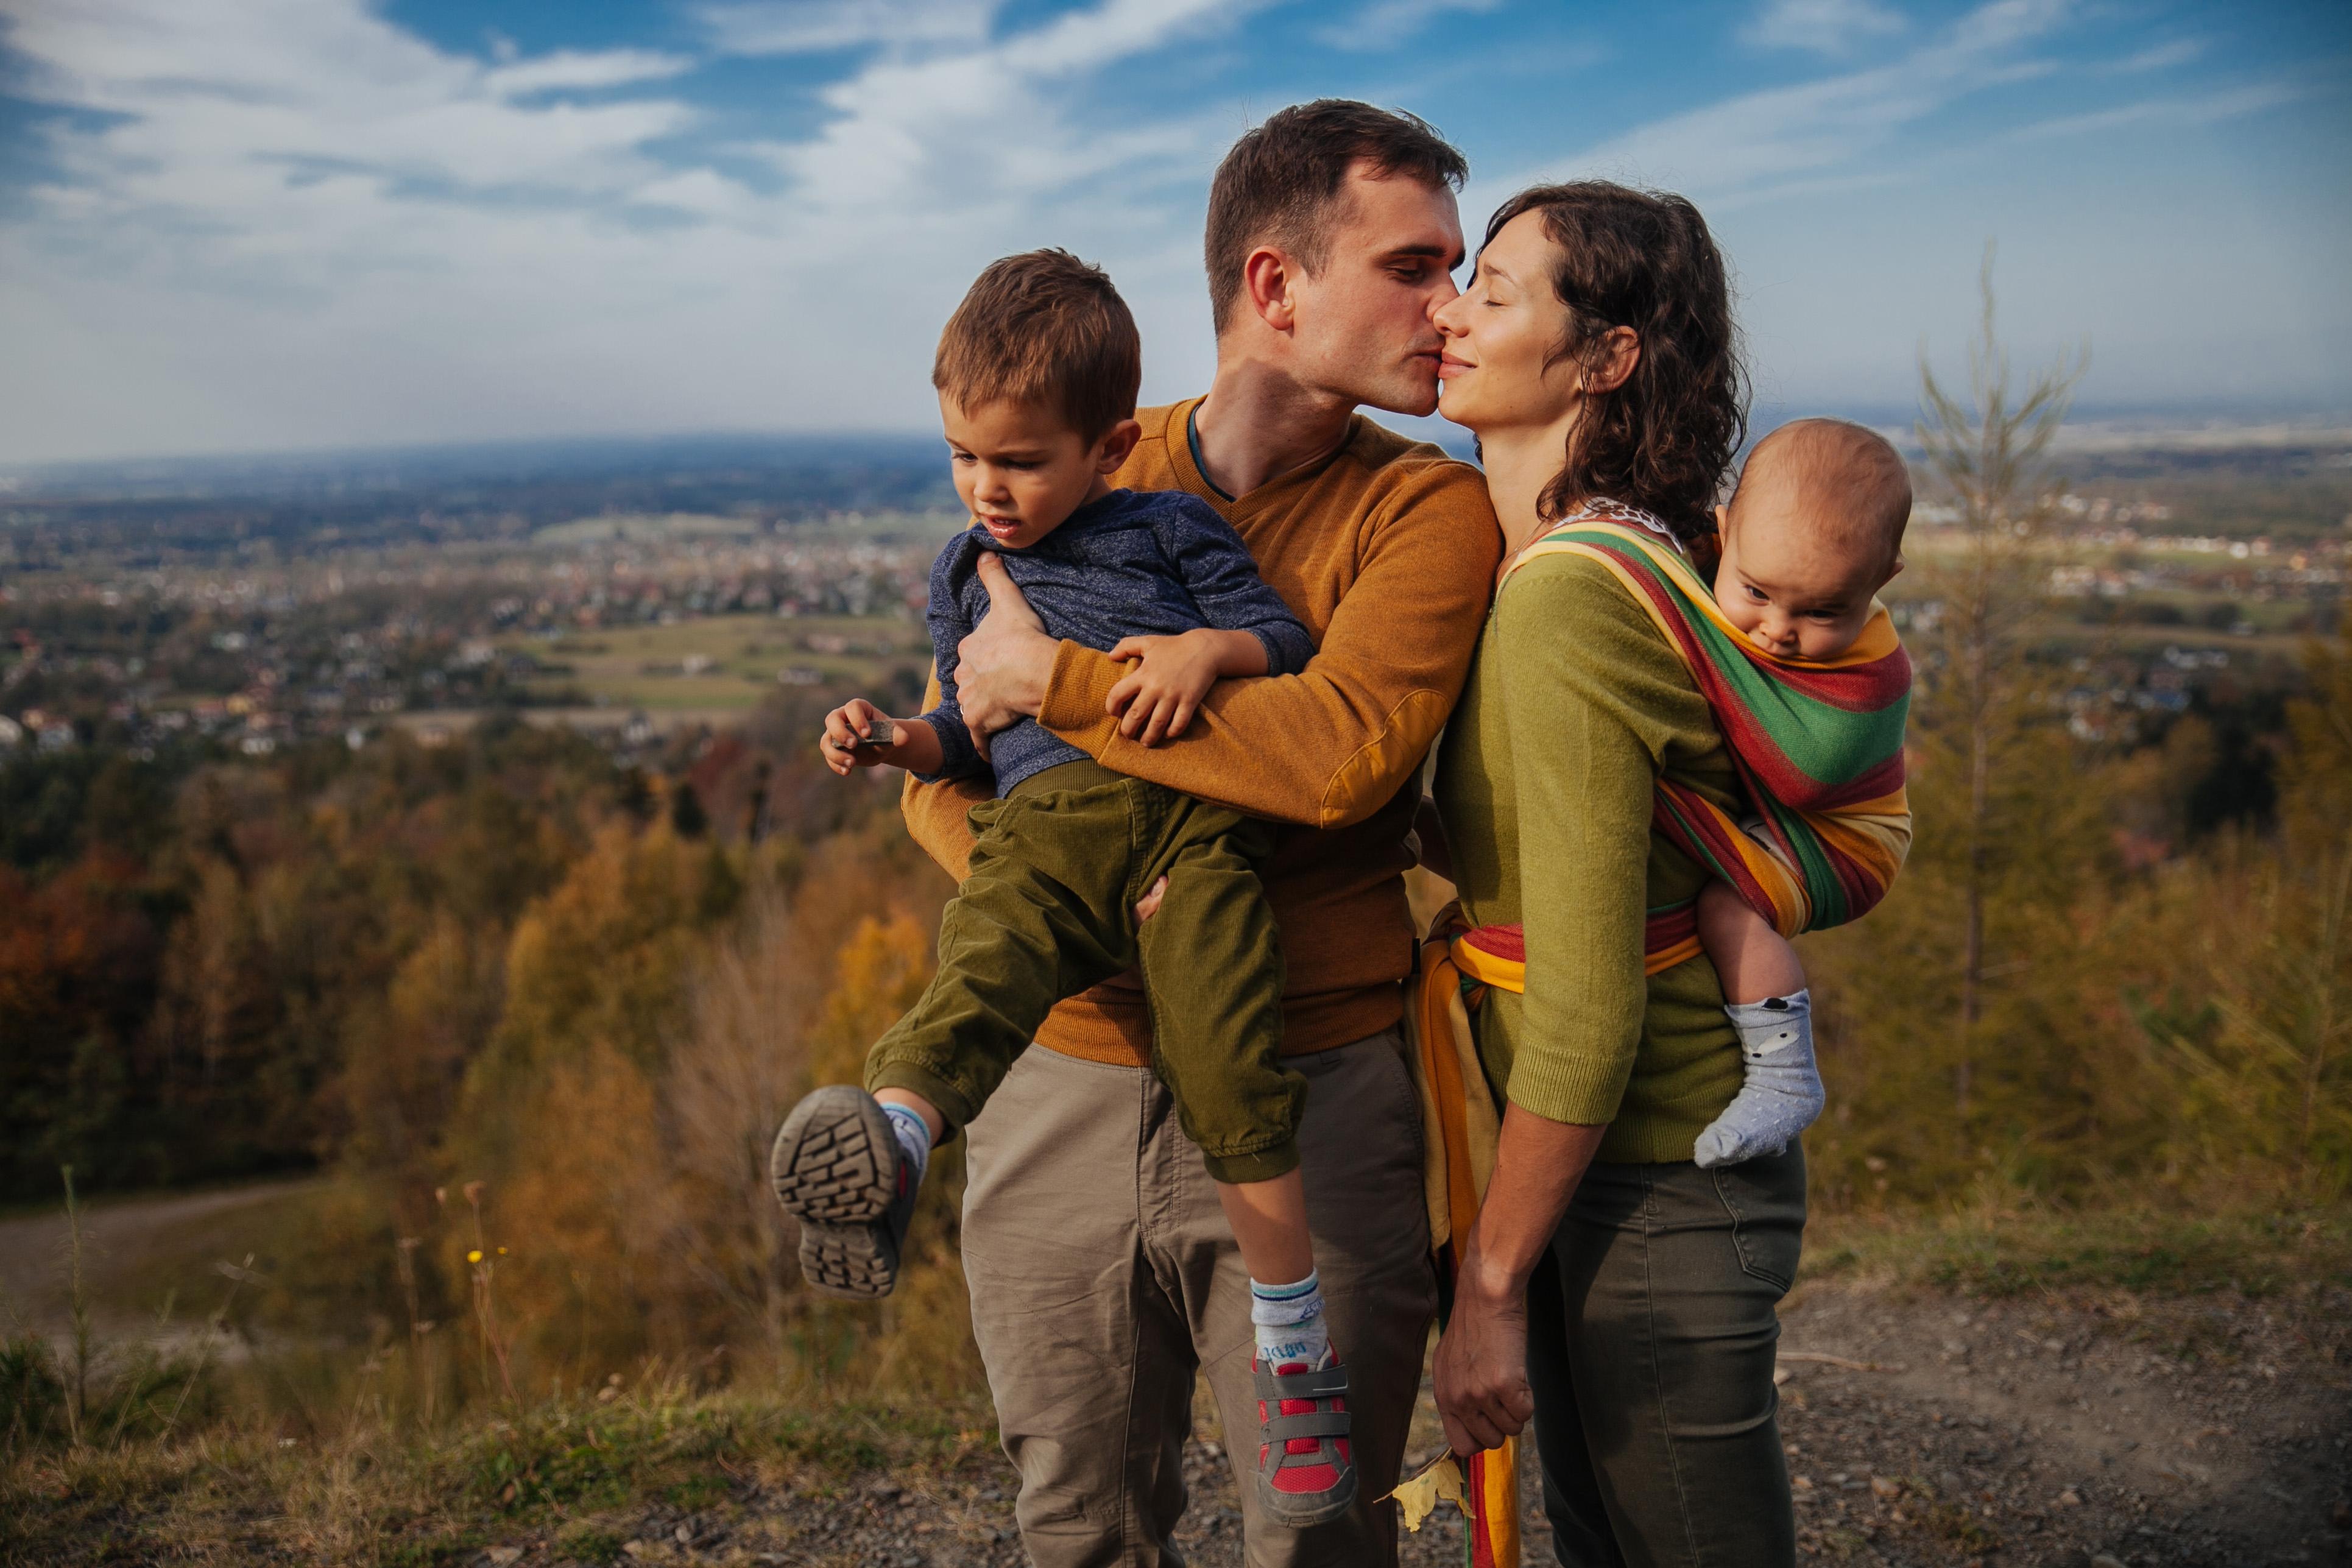 rodzina stoi na górze, lest lekko przytulona, mężczyzna całuje kobietę